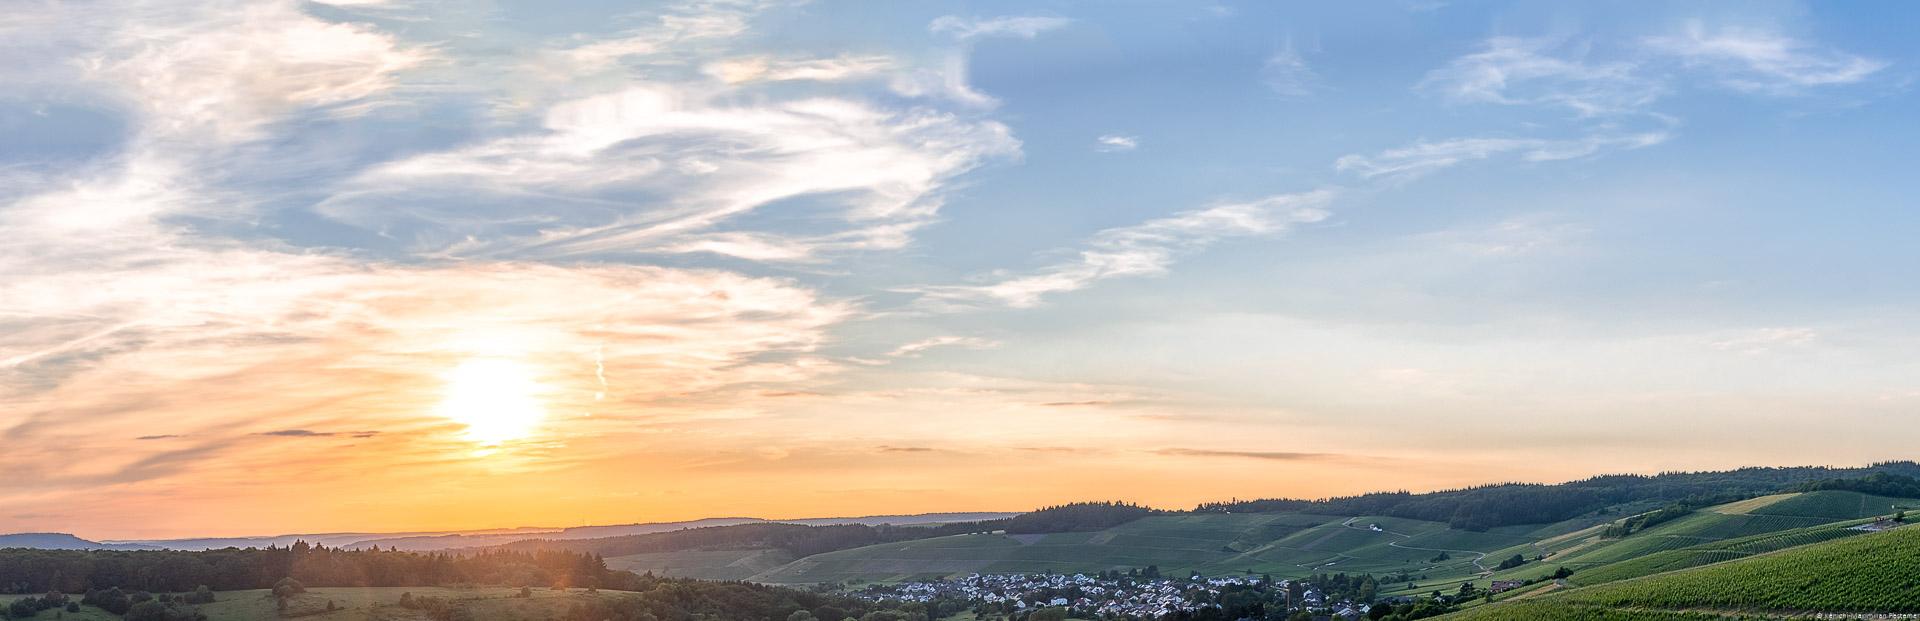 Tälchen beim Ort Niedermenning in der Weinregion Saar; Weinberg Niedermenniger Herrenberg im Hintergrund; Sonnenuntergang